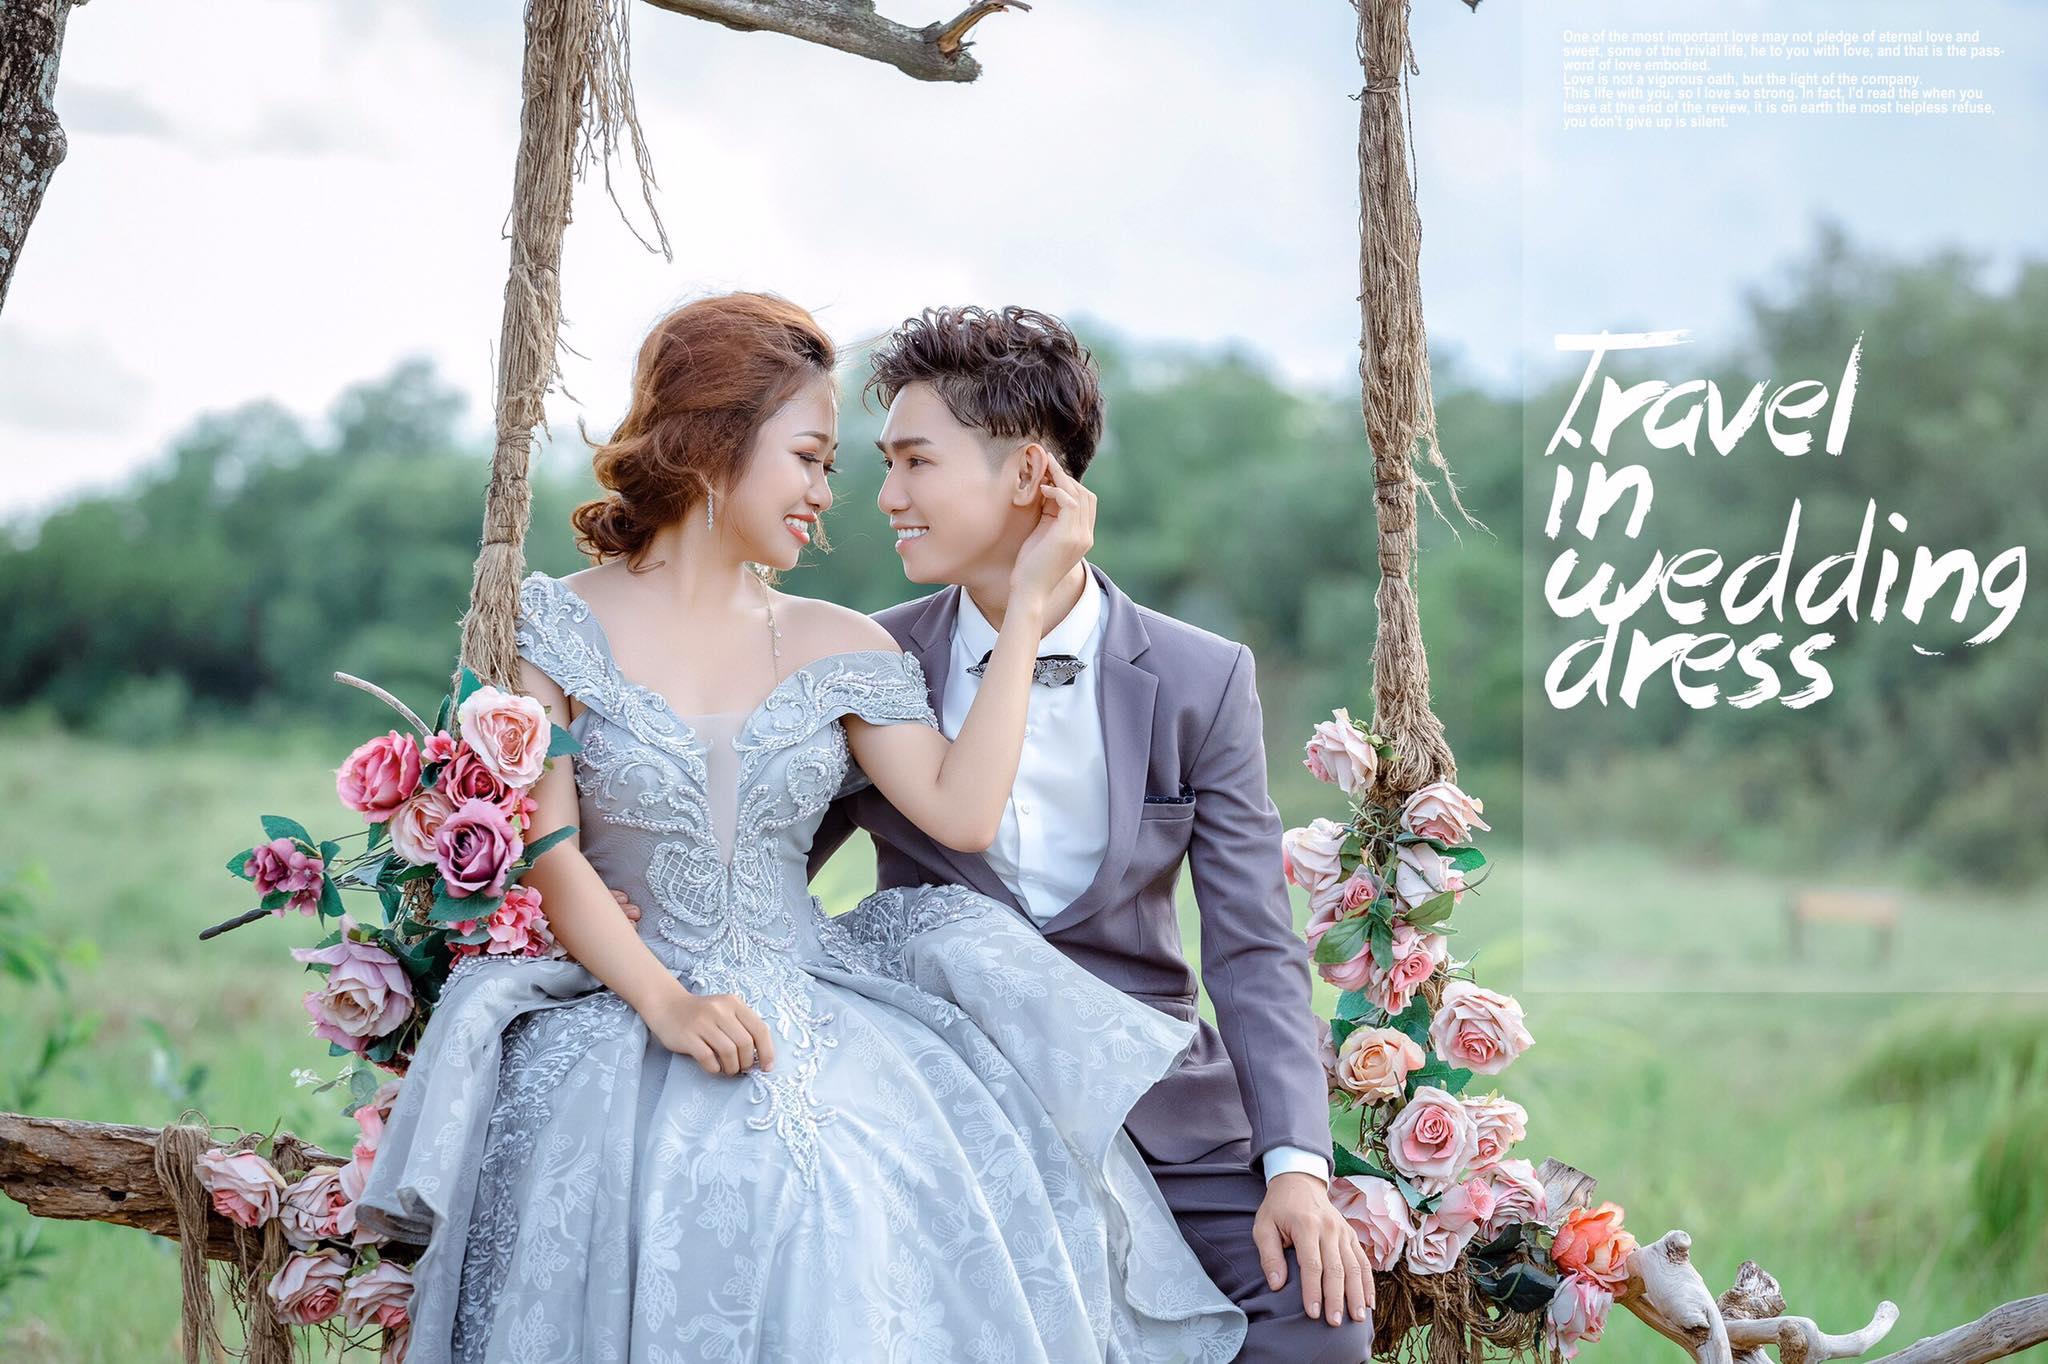 Top 6 tiệm trang điểm cô dâu đẹp nhất tại Bình Dương -  ANGEL Wedding